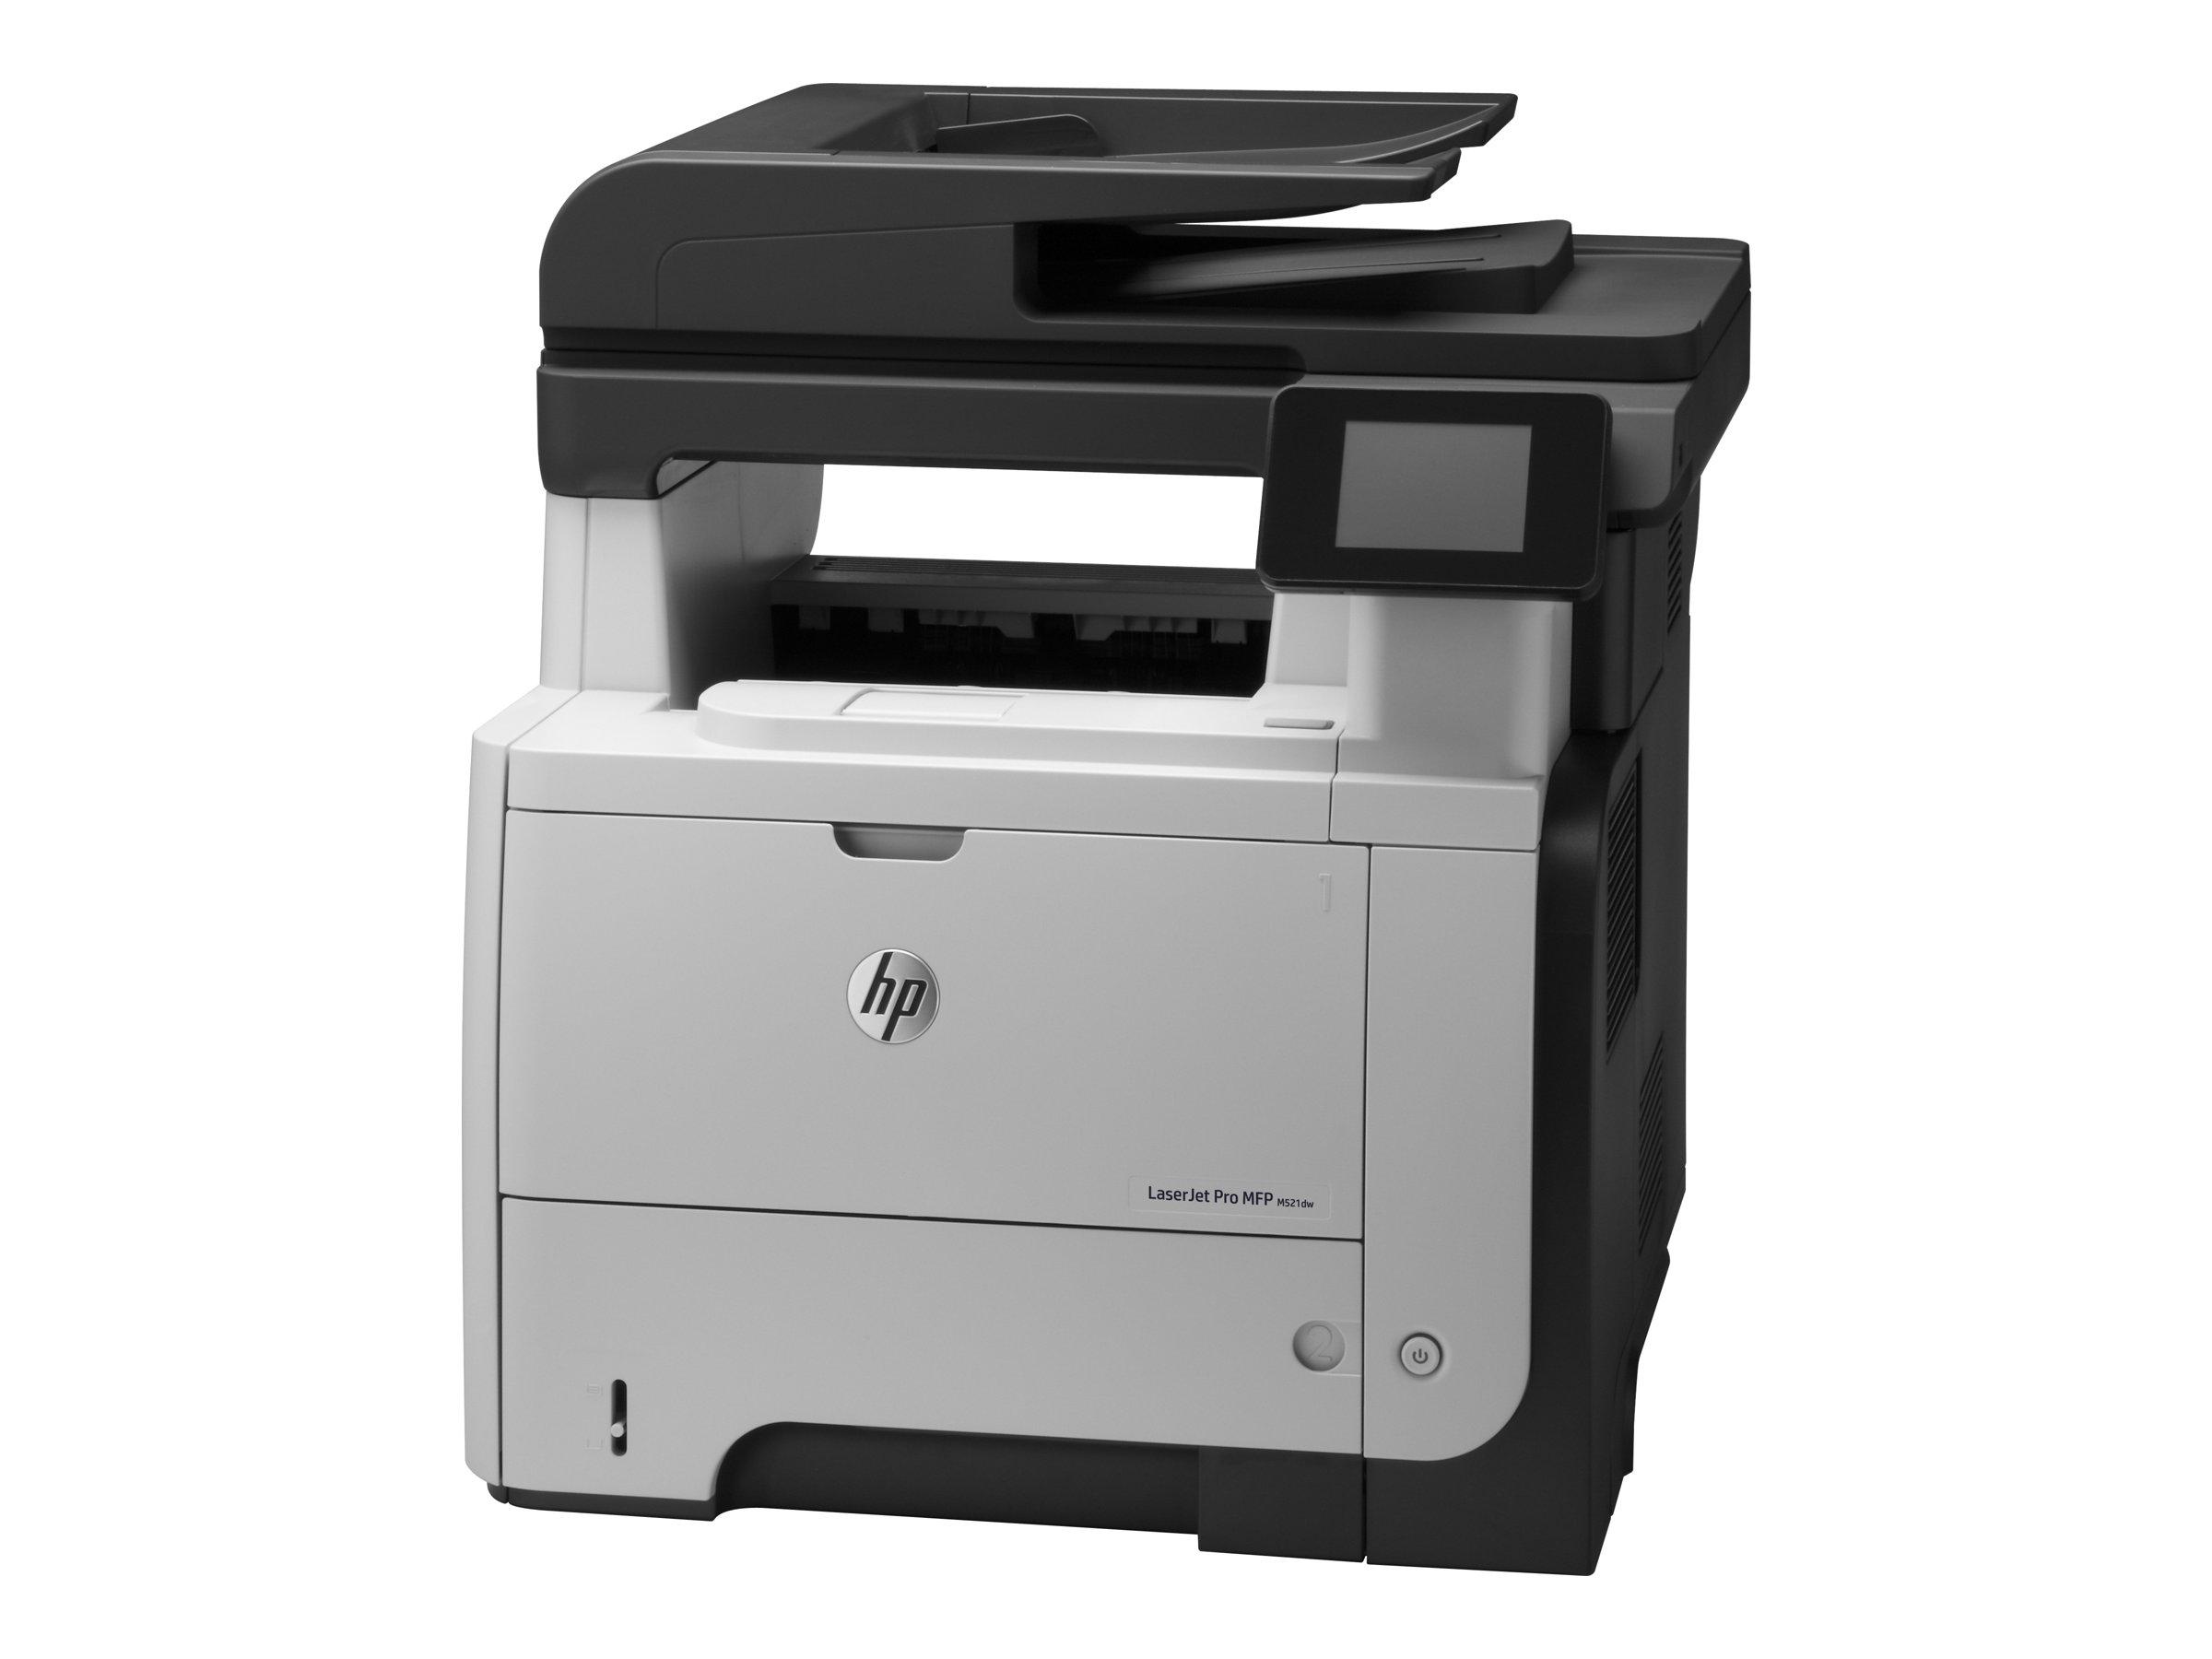 HP LaserJet Pro MFP M521dw - Multifunktionsdrucker - s/w - Laser - Legal (216 x 356 mm) (Original) - A4/Legal (Medien)